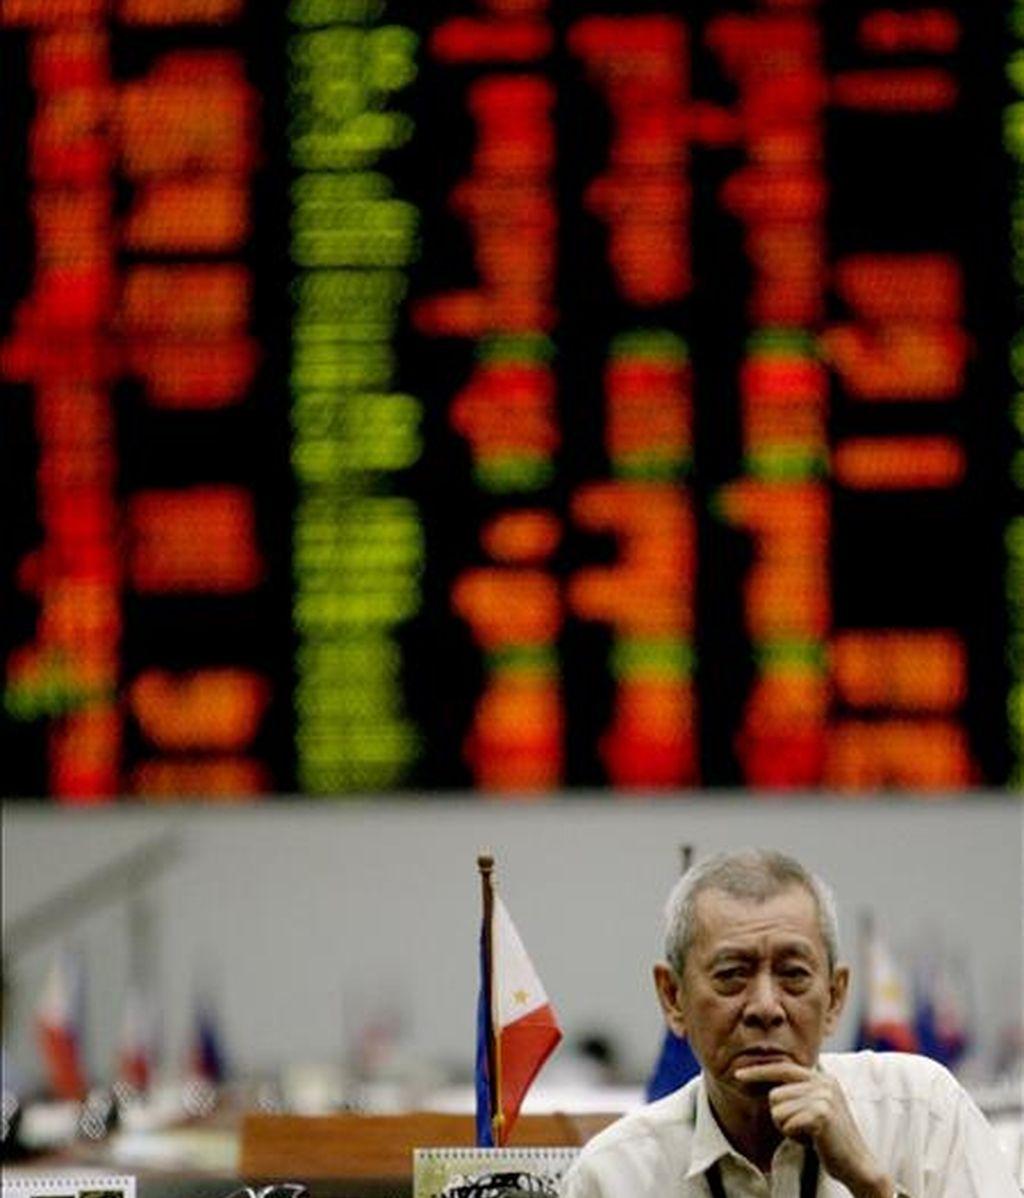 Un agente de bolsa filipino observa el estado de las acciones en la Bolsa del distrito financiero de Makati, en el sur de Manila. EFE/Archivo